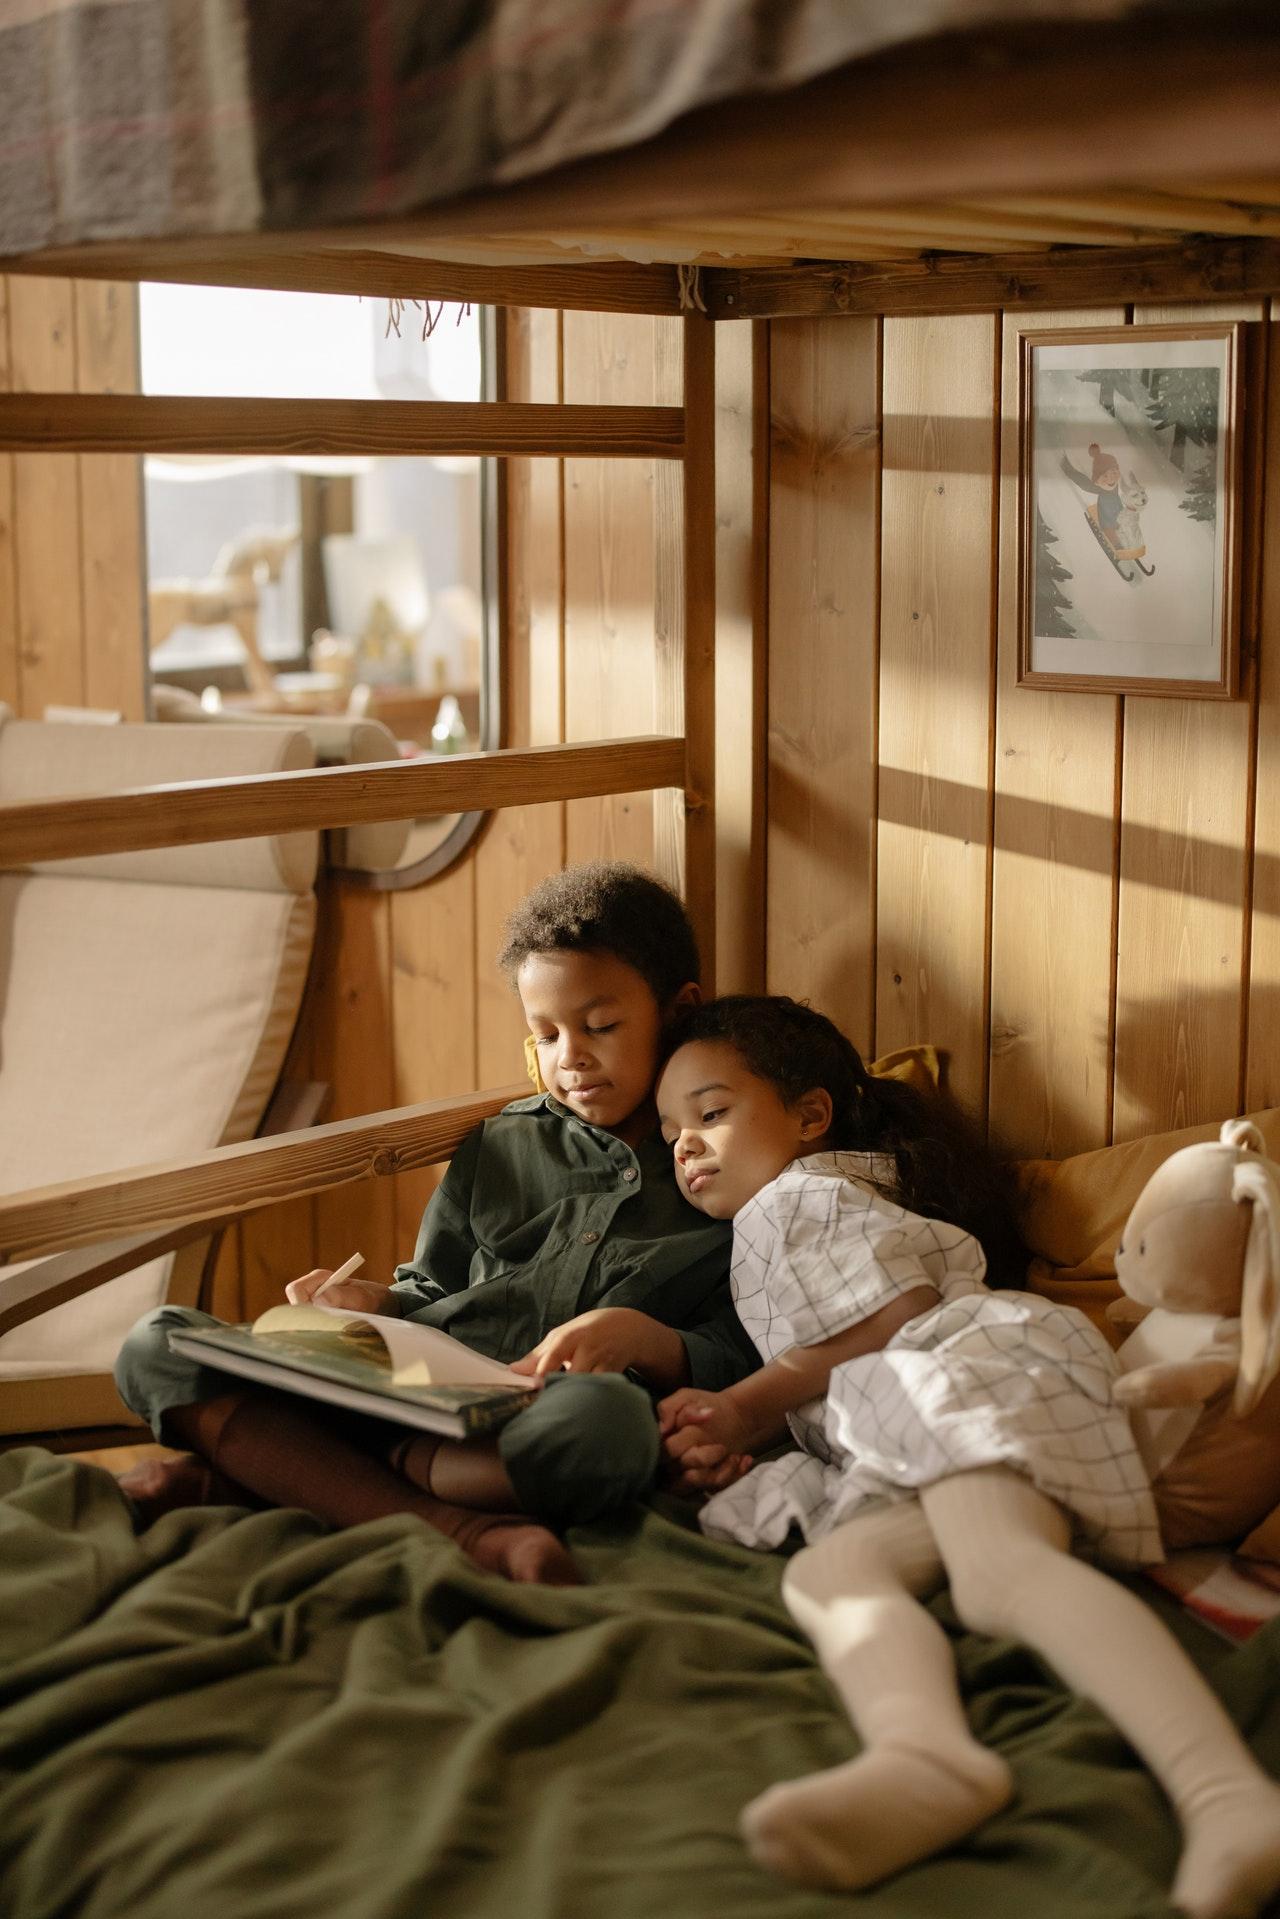 Lit cabane pour sublimer la chambre de l'enfant